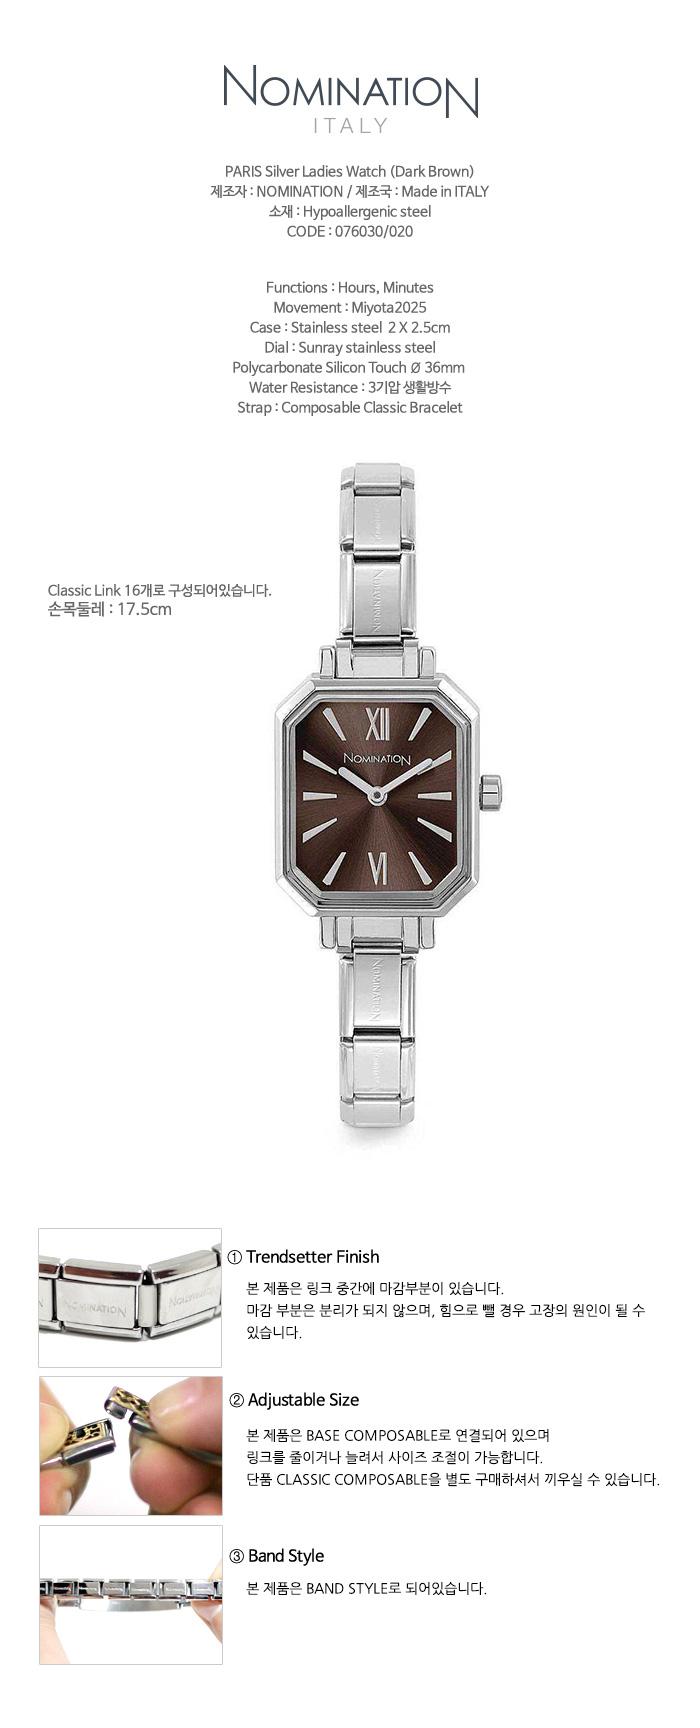 노미네이션(NOMINATION) 시계 파리 실버 레이디 (Dark Brown) 076030/020